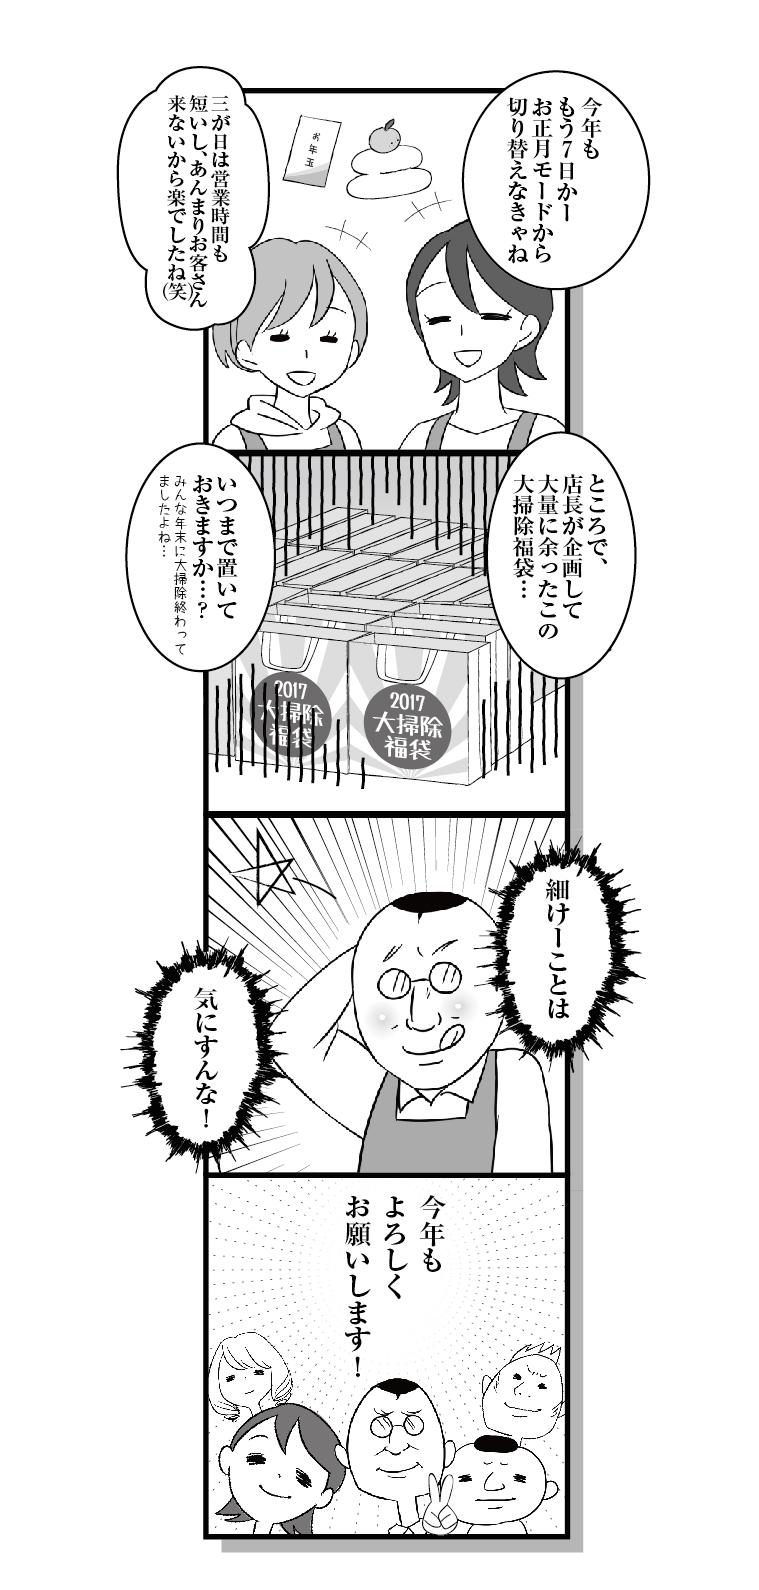 170107_manga-01